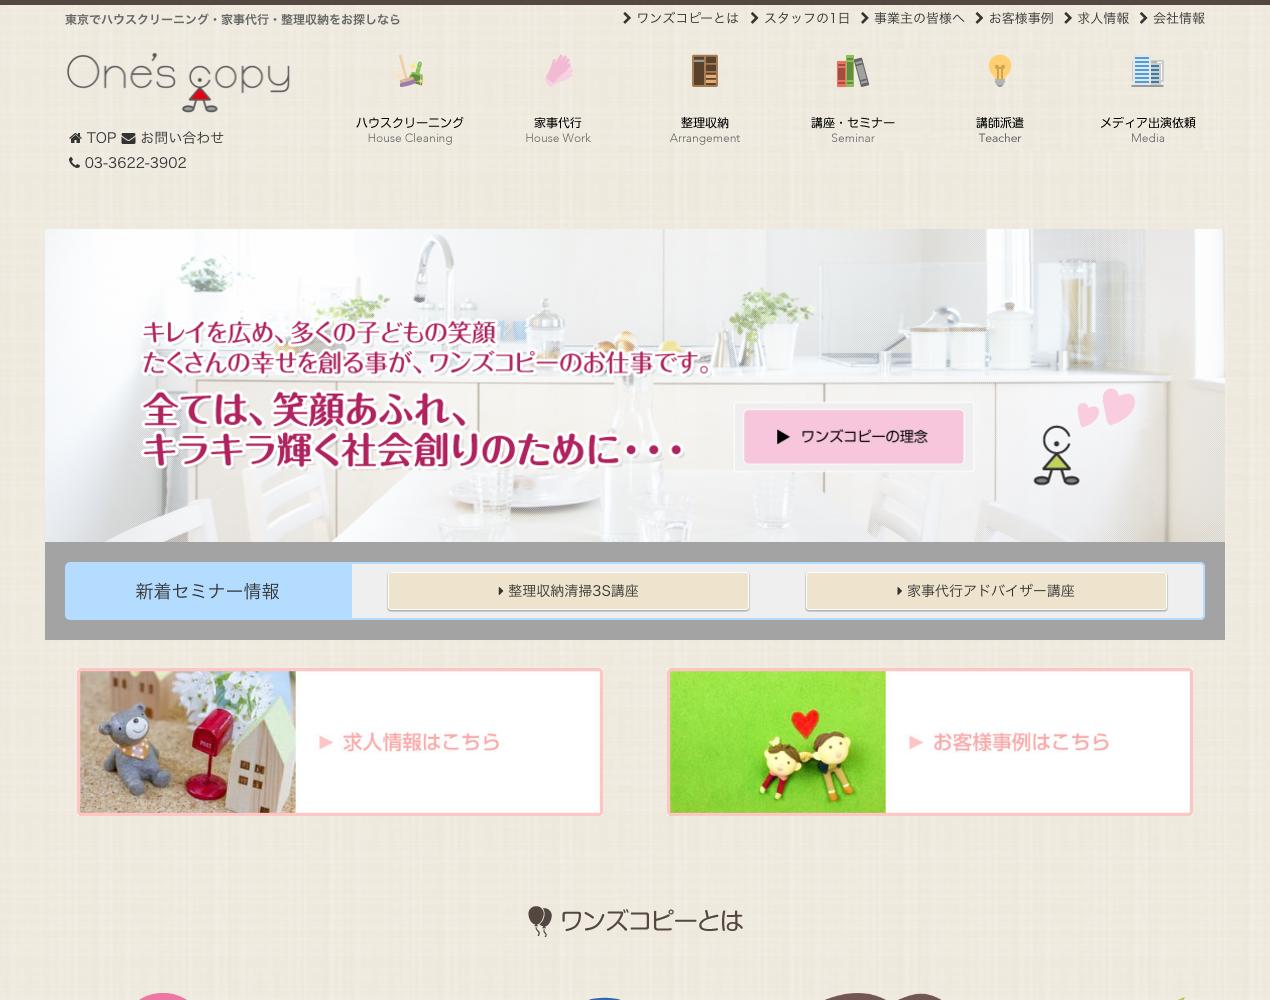 ワンズコピー CMS制作事例 トップページ画像